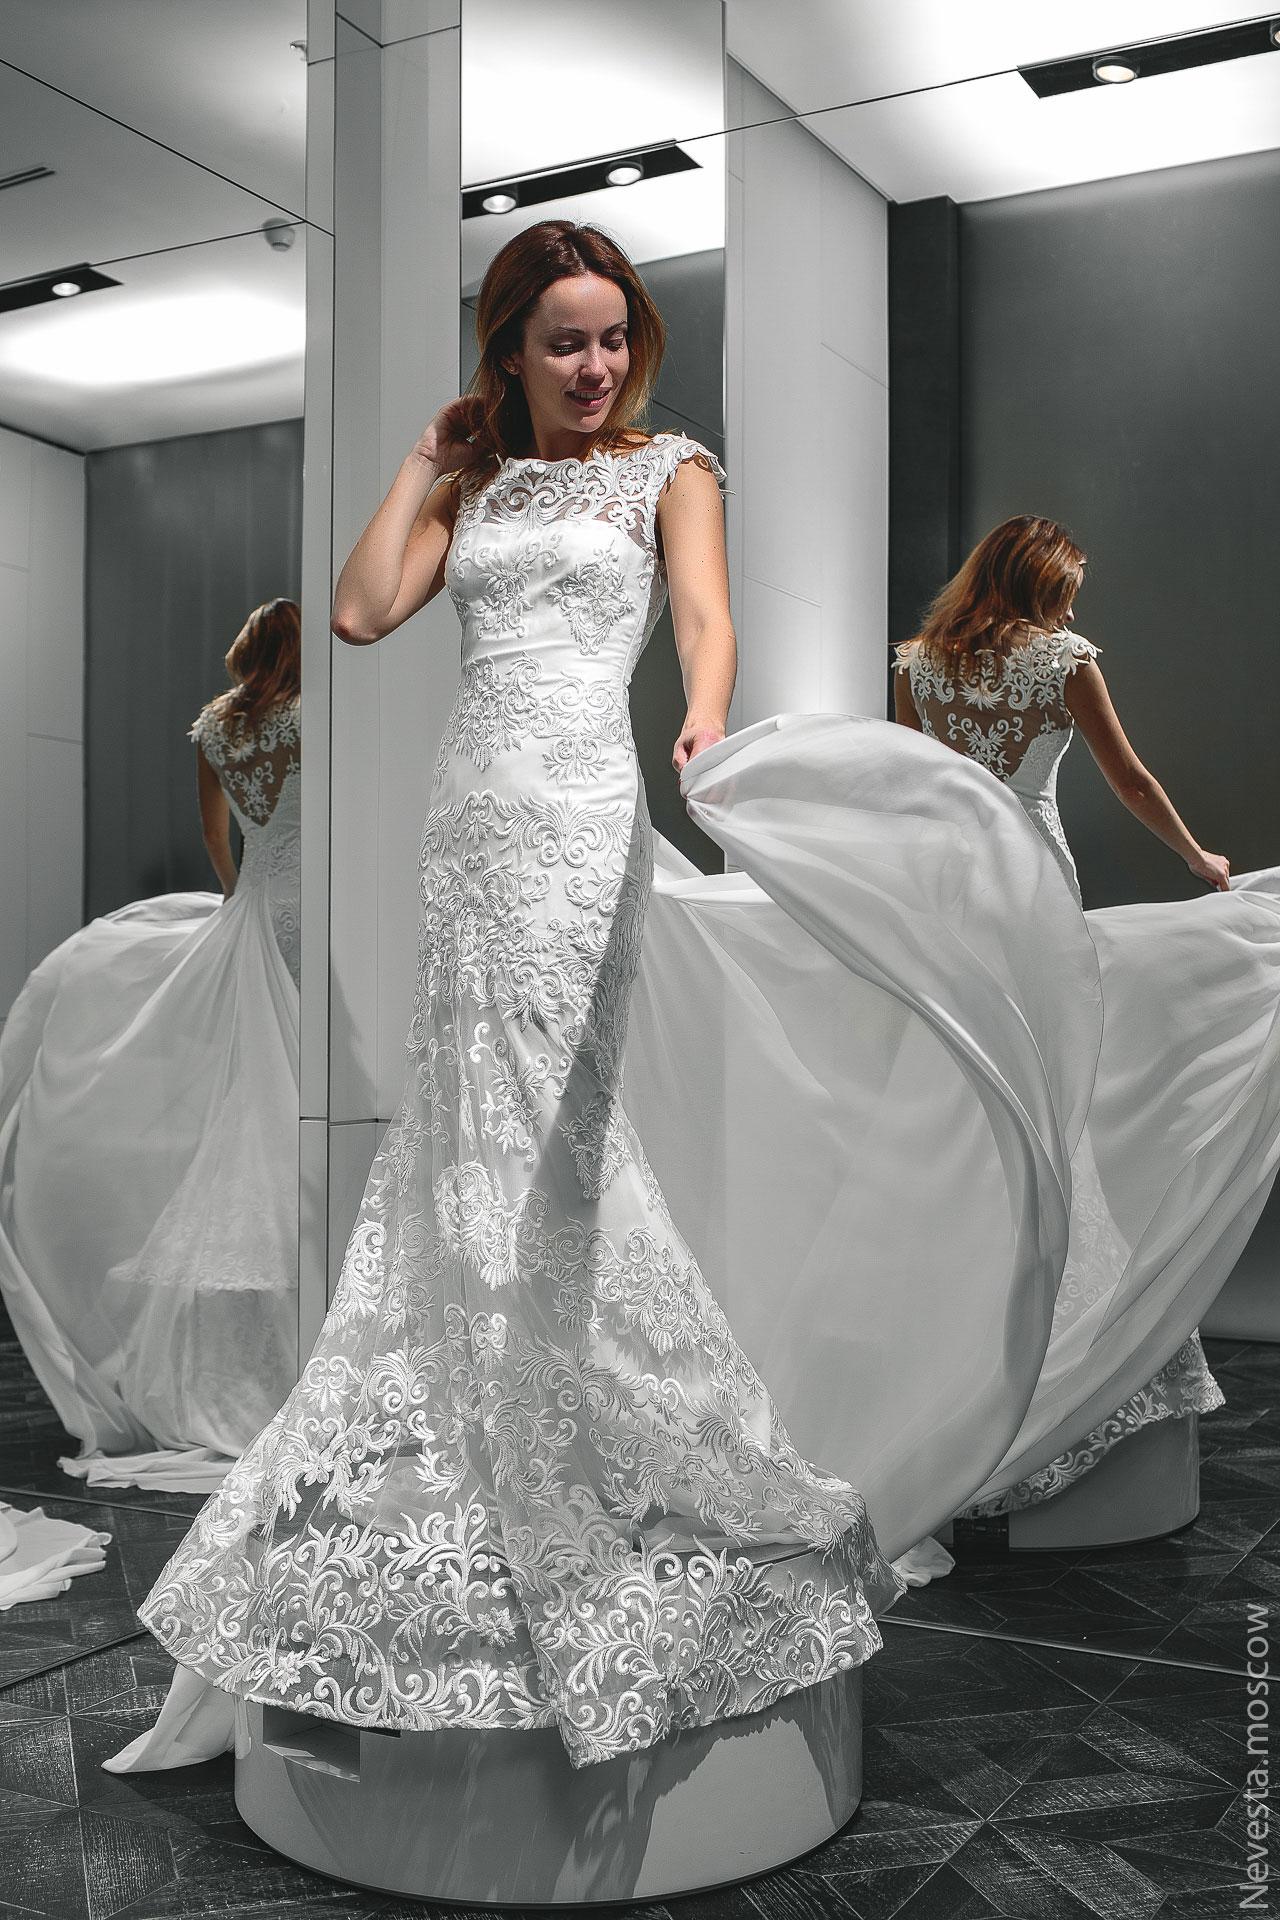 Актриса Ольга Зайцева примеряет свадебное платье фото 3